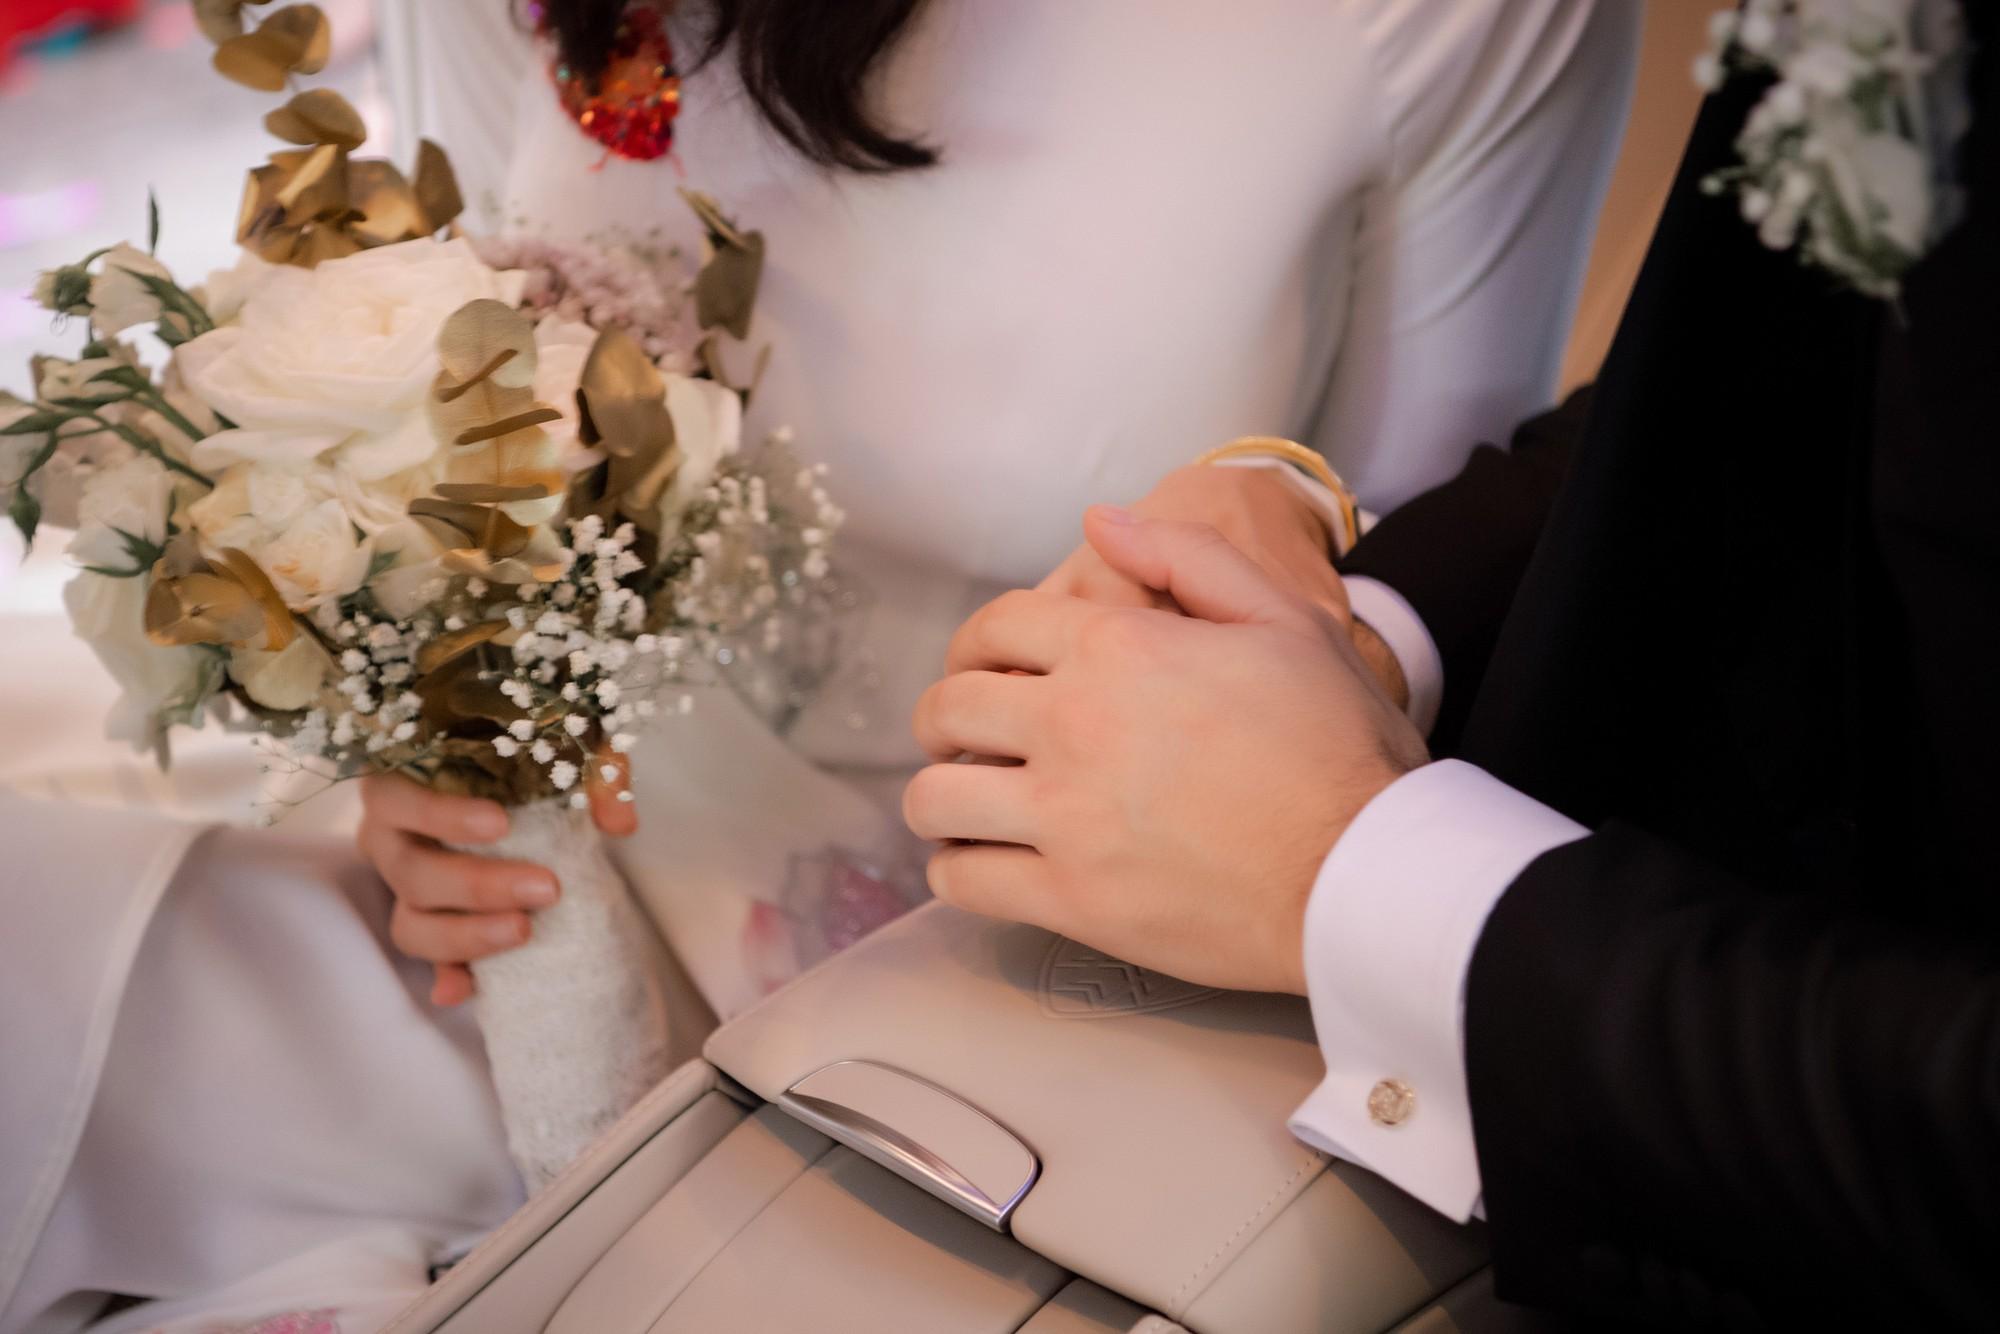 Toàn cảnh lễ đón dâu tại nhà phố cổ của siêu mẫu Phương Mai: Chú rể xuất hiện cùng đoàn xe sang, cô dâu òa khóc ôm chặt mẹ ruột  - Ảnh 13.